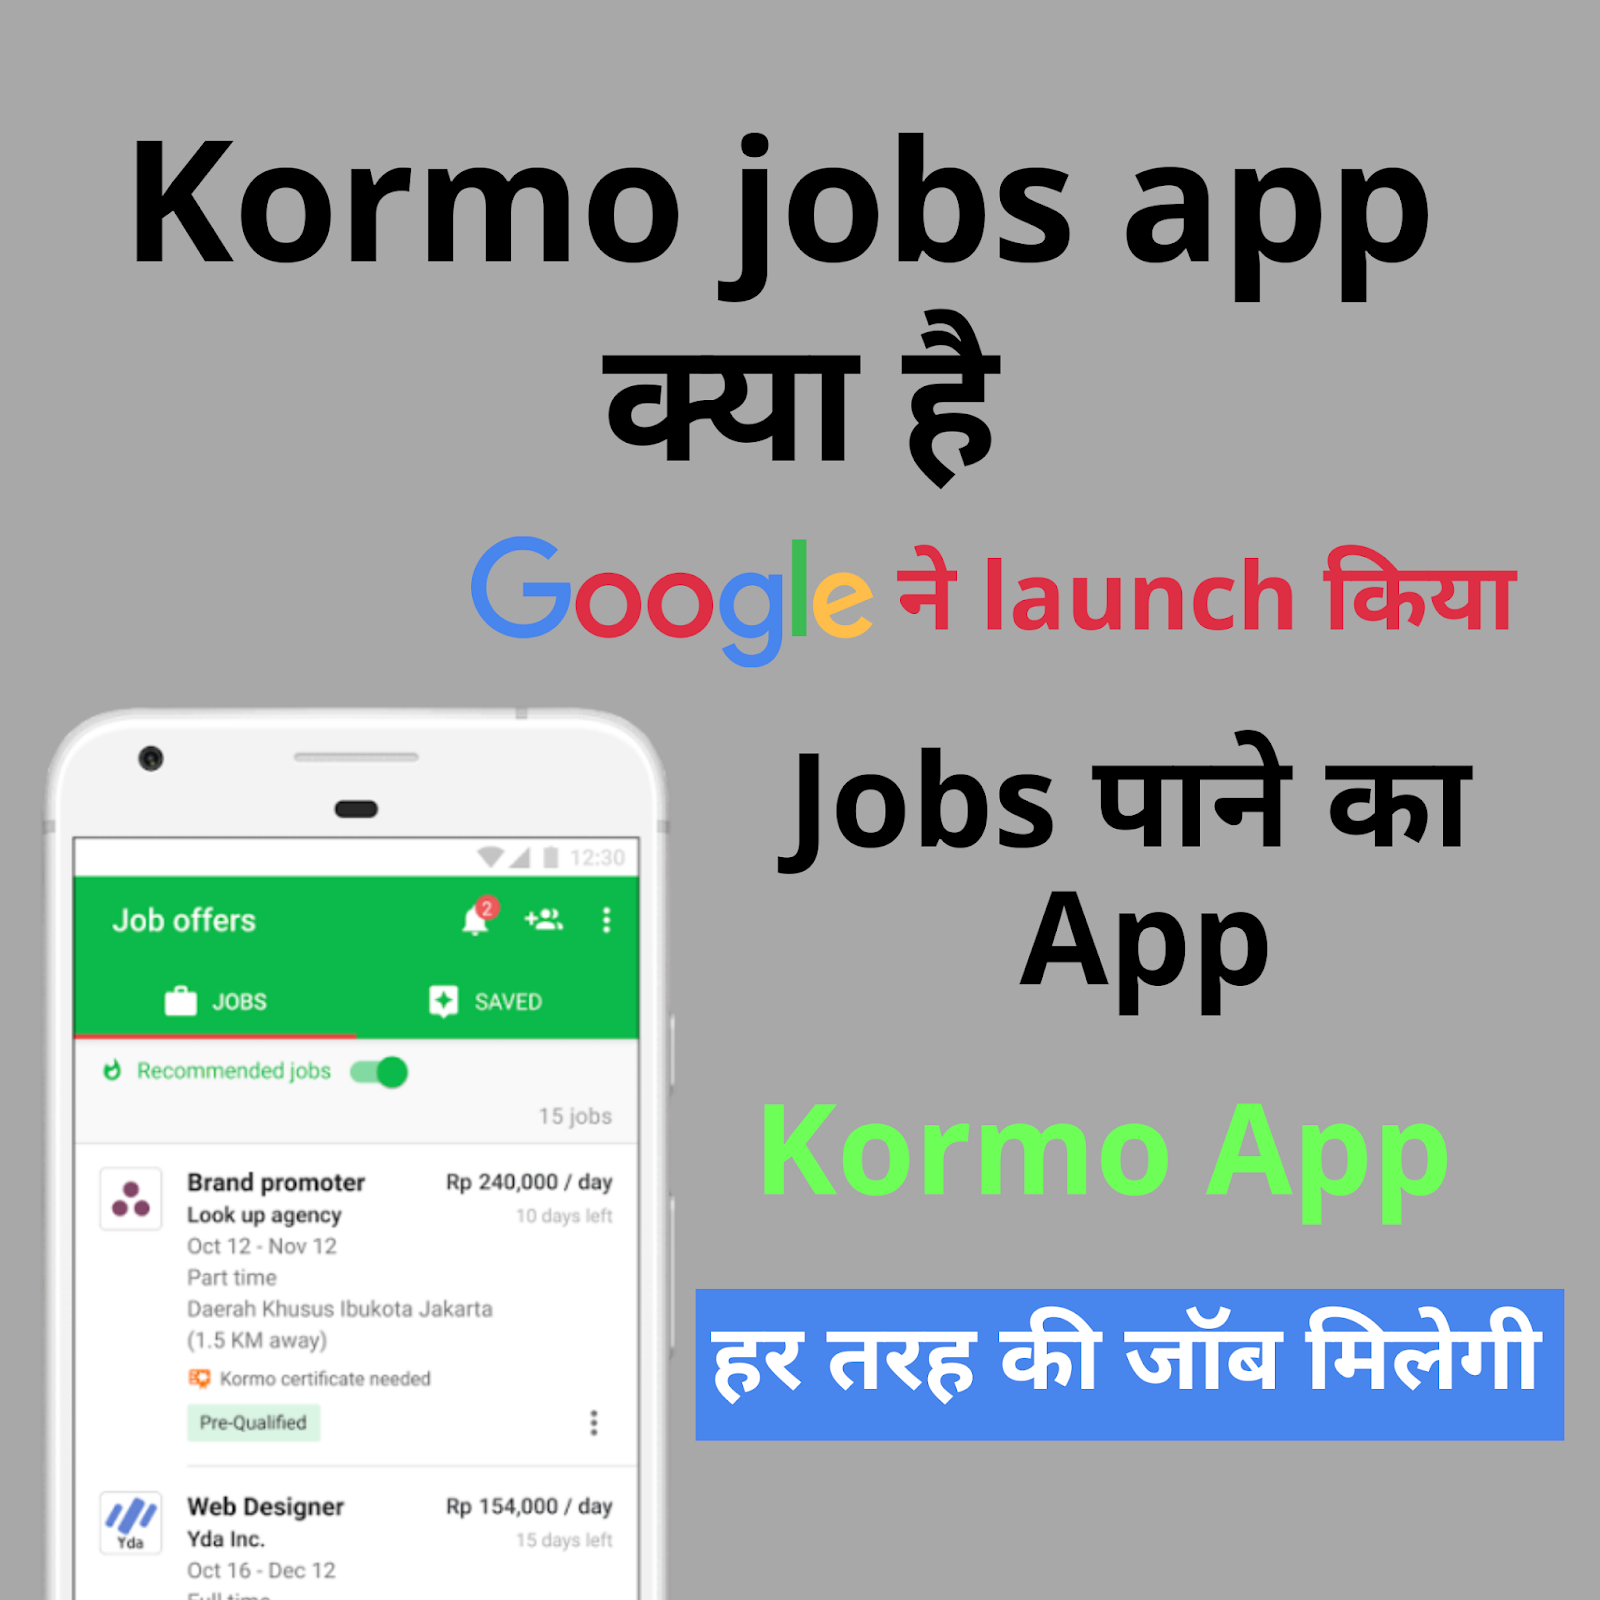 Kormo Jobs App क्या है